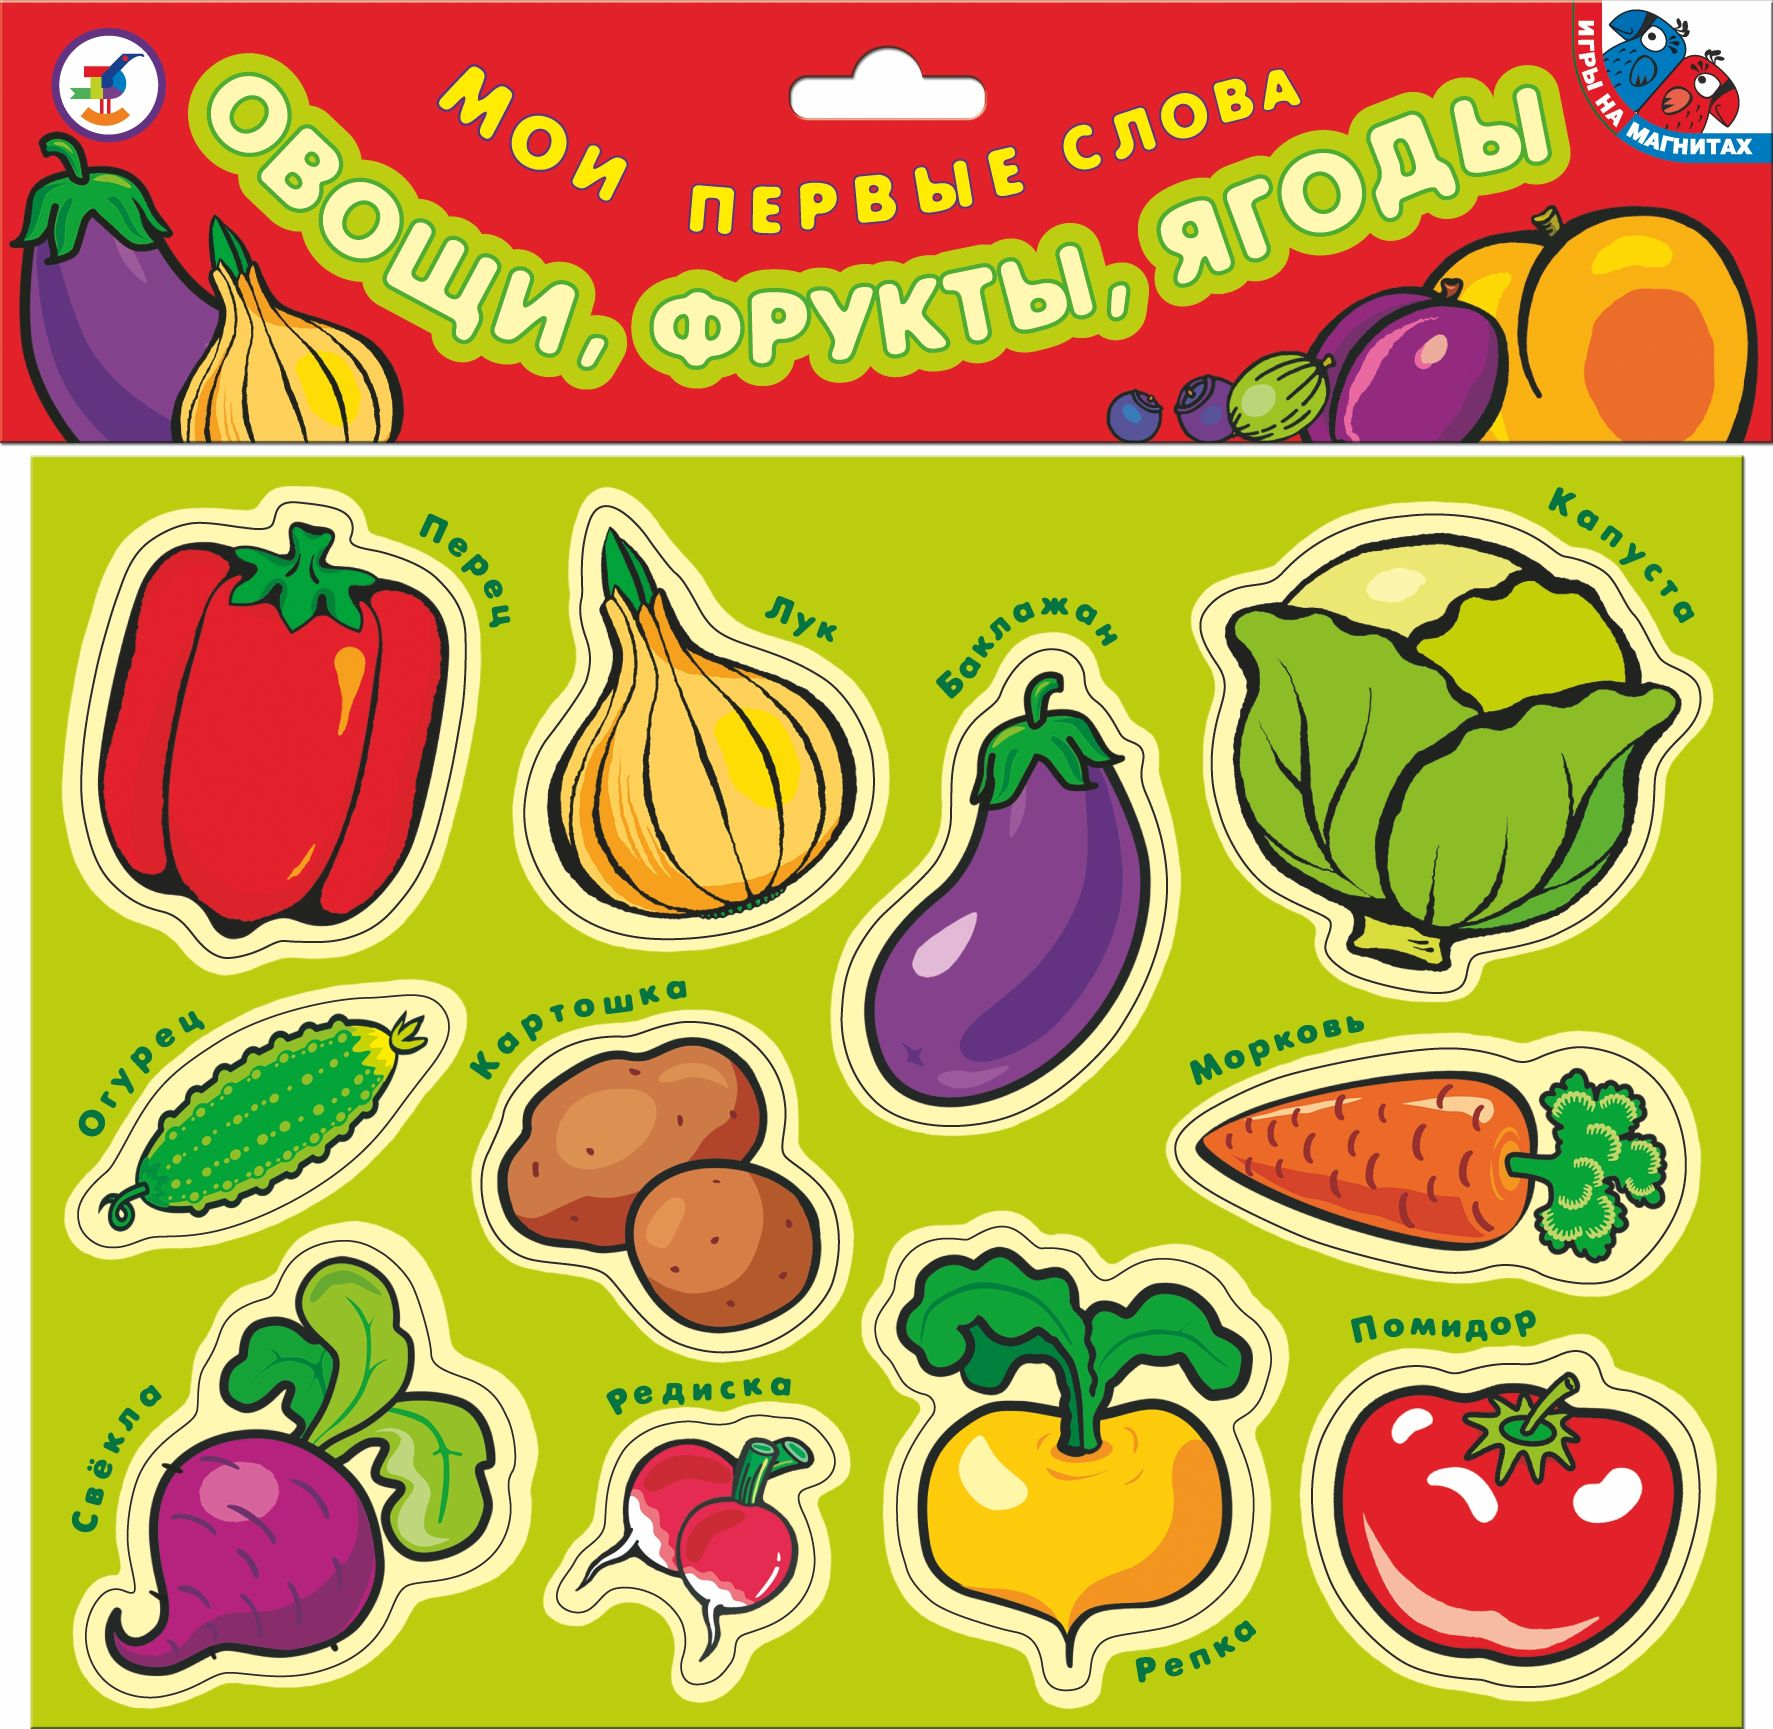 Игры на магнитах Мои первые слова: Овощи, фрукты, ягоды